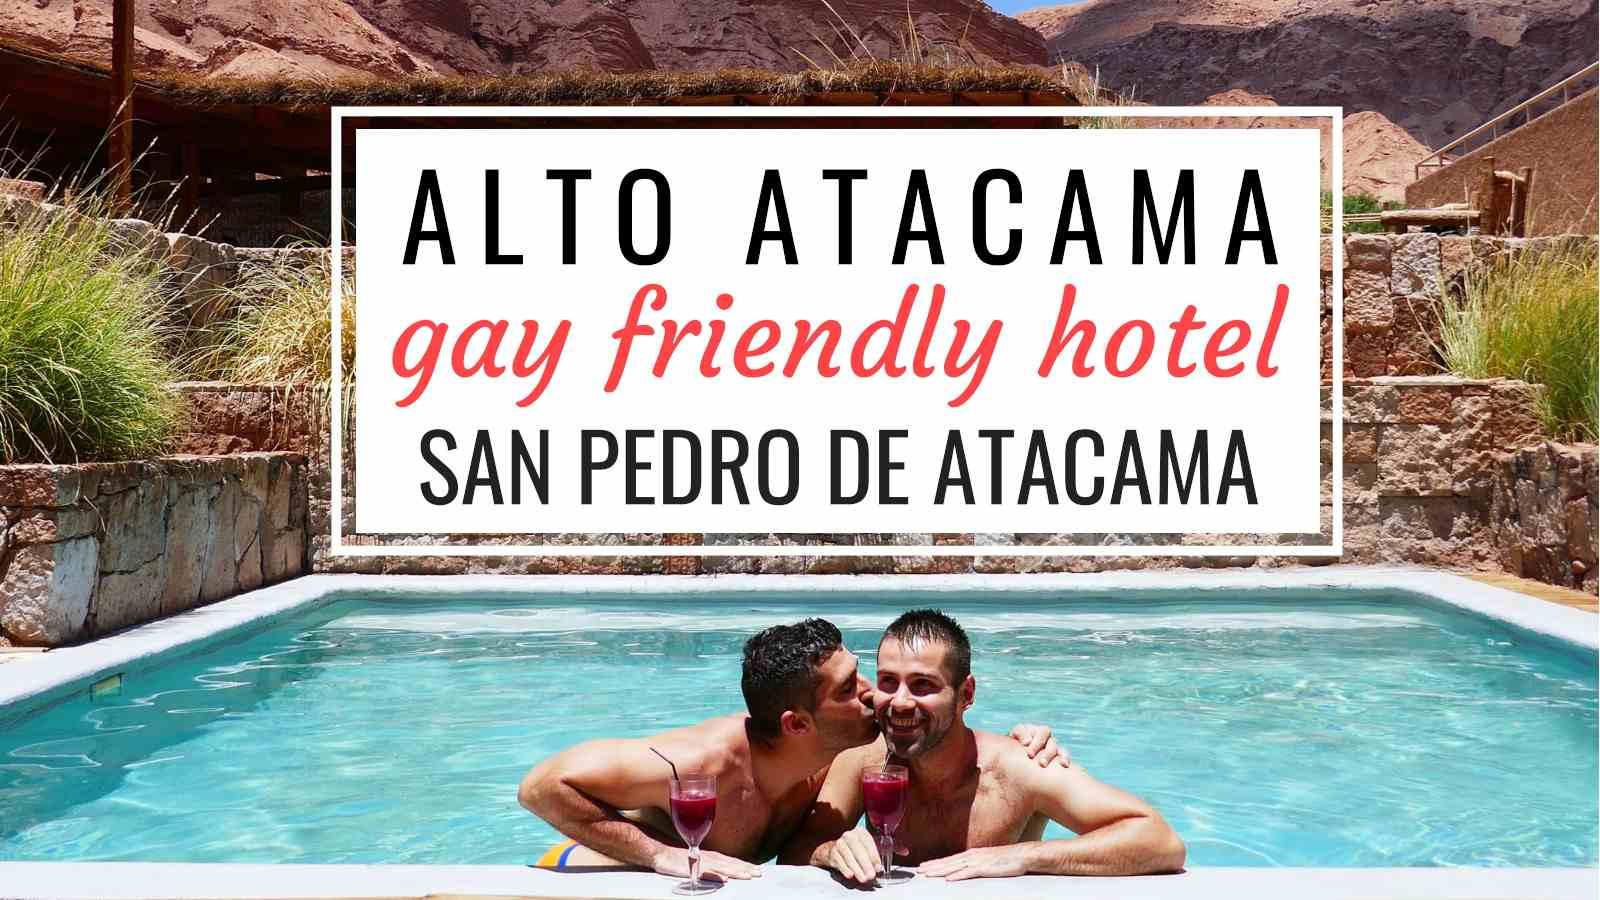 Alto Atacama: a luxurious gay friendly hotel in San Pedro de Atacama